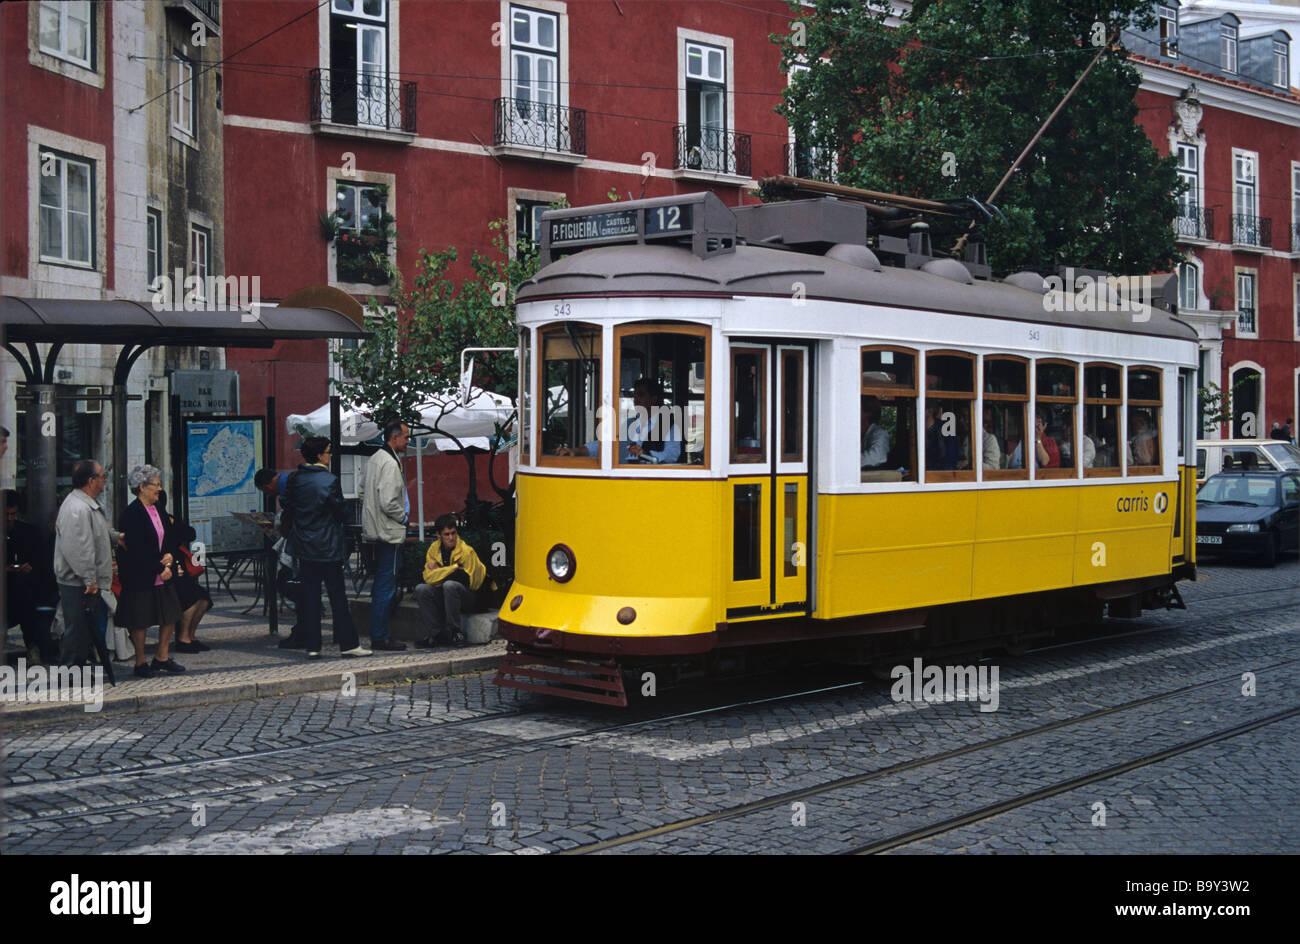 Con il tram (n. 12) di fronte al Museo di Arti Decorative, Alfama, Lisbona, Portogallo Immagini Stock